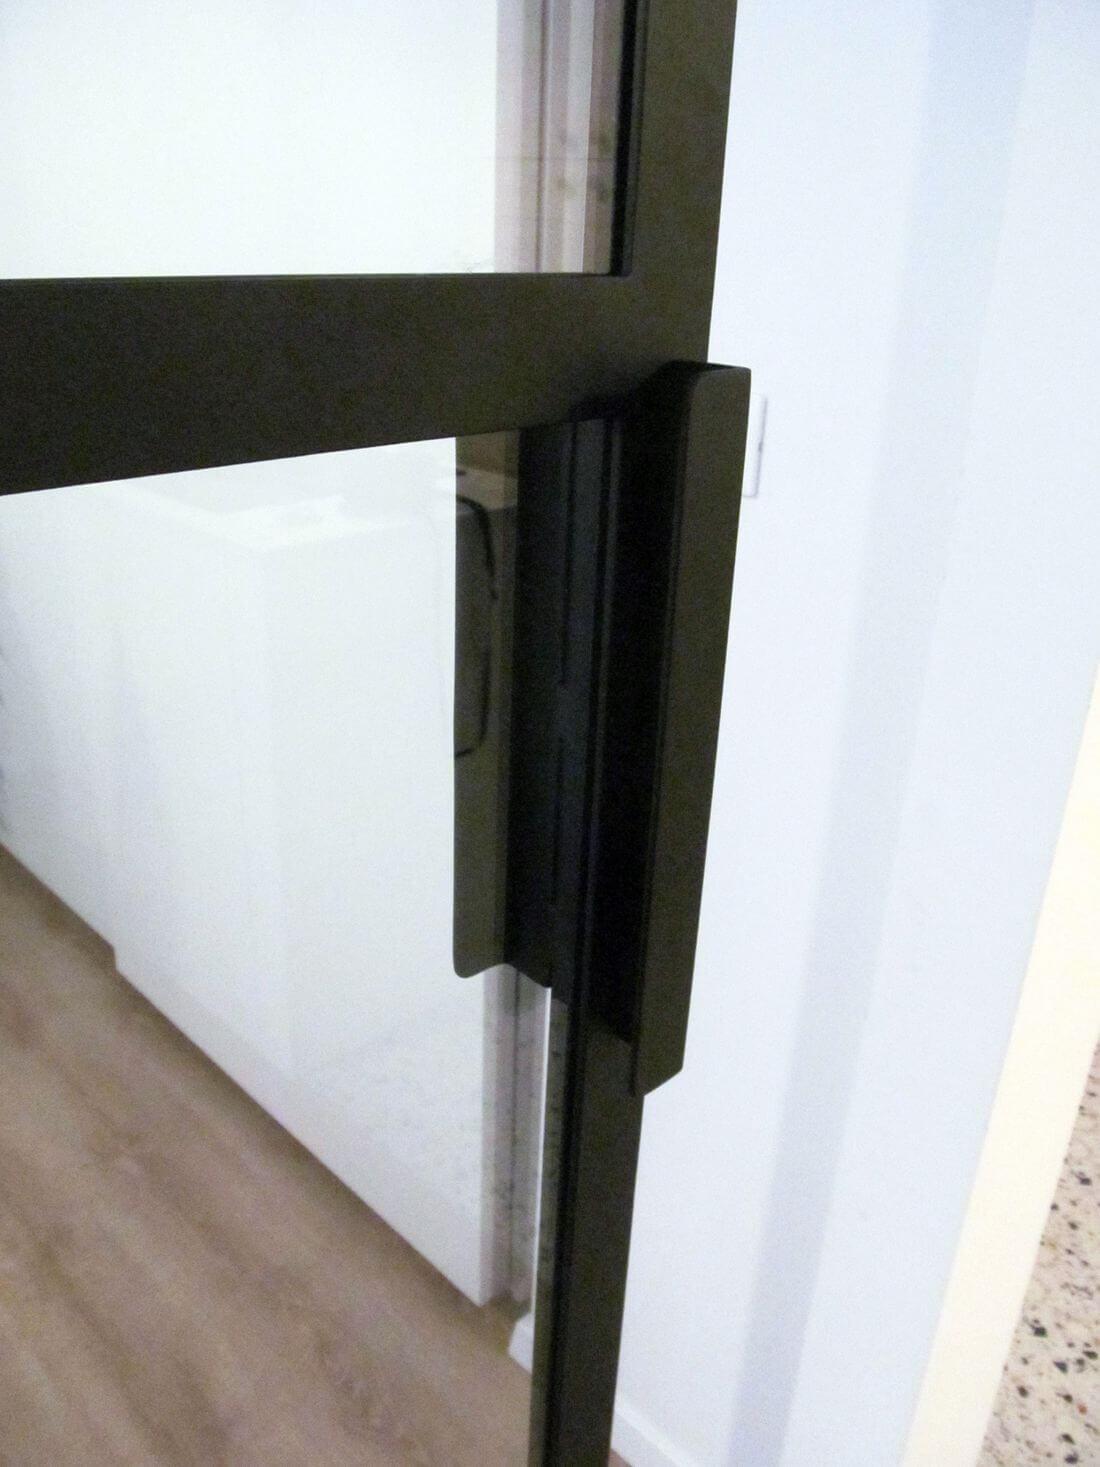 Metalowy pochwyt / klamka w drzwiach loftowych przesuwnych wykonanych ze stali konstrukcyjnej